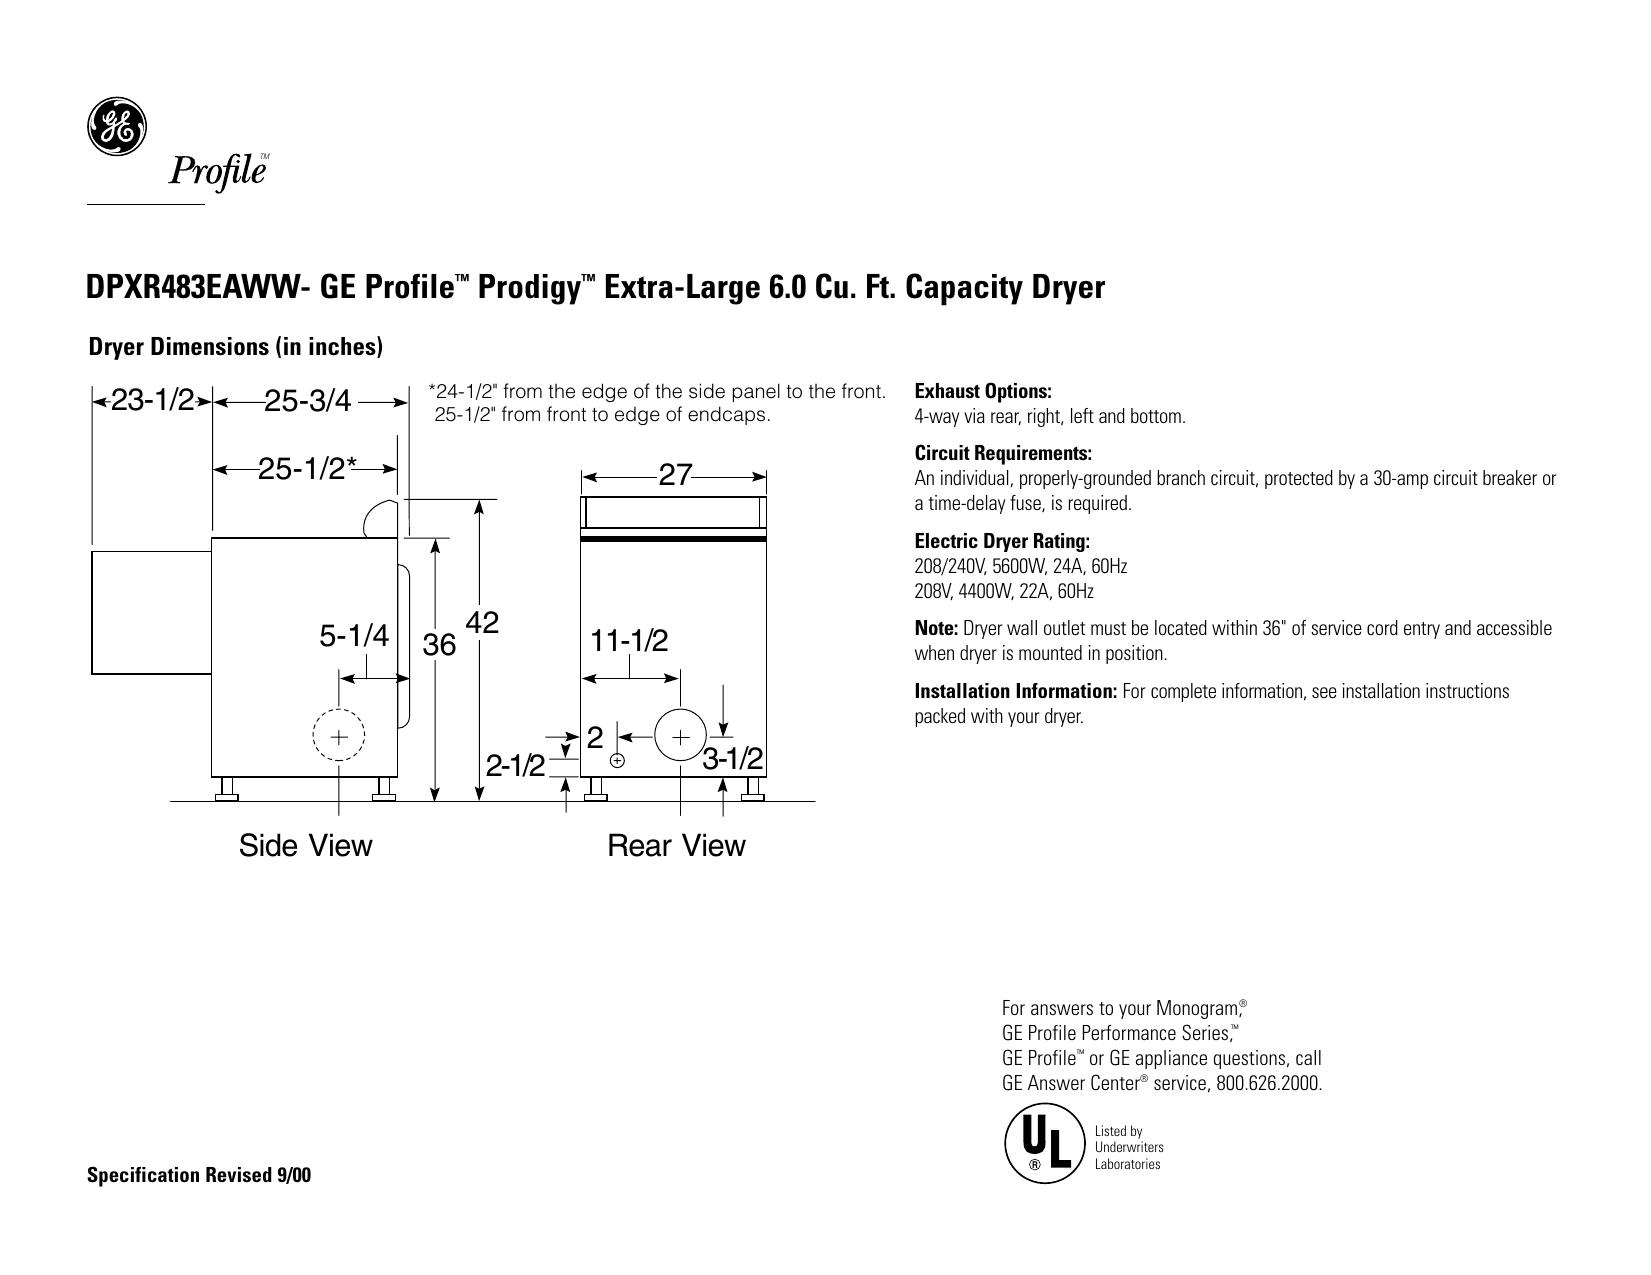 DPXR483EAWW- GE Profile™ Prodigy™ Extra-Large 6.0 | Manualzz | Ge Profile Prodigy Wiring Diagram |  | Manualzz